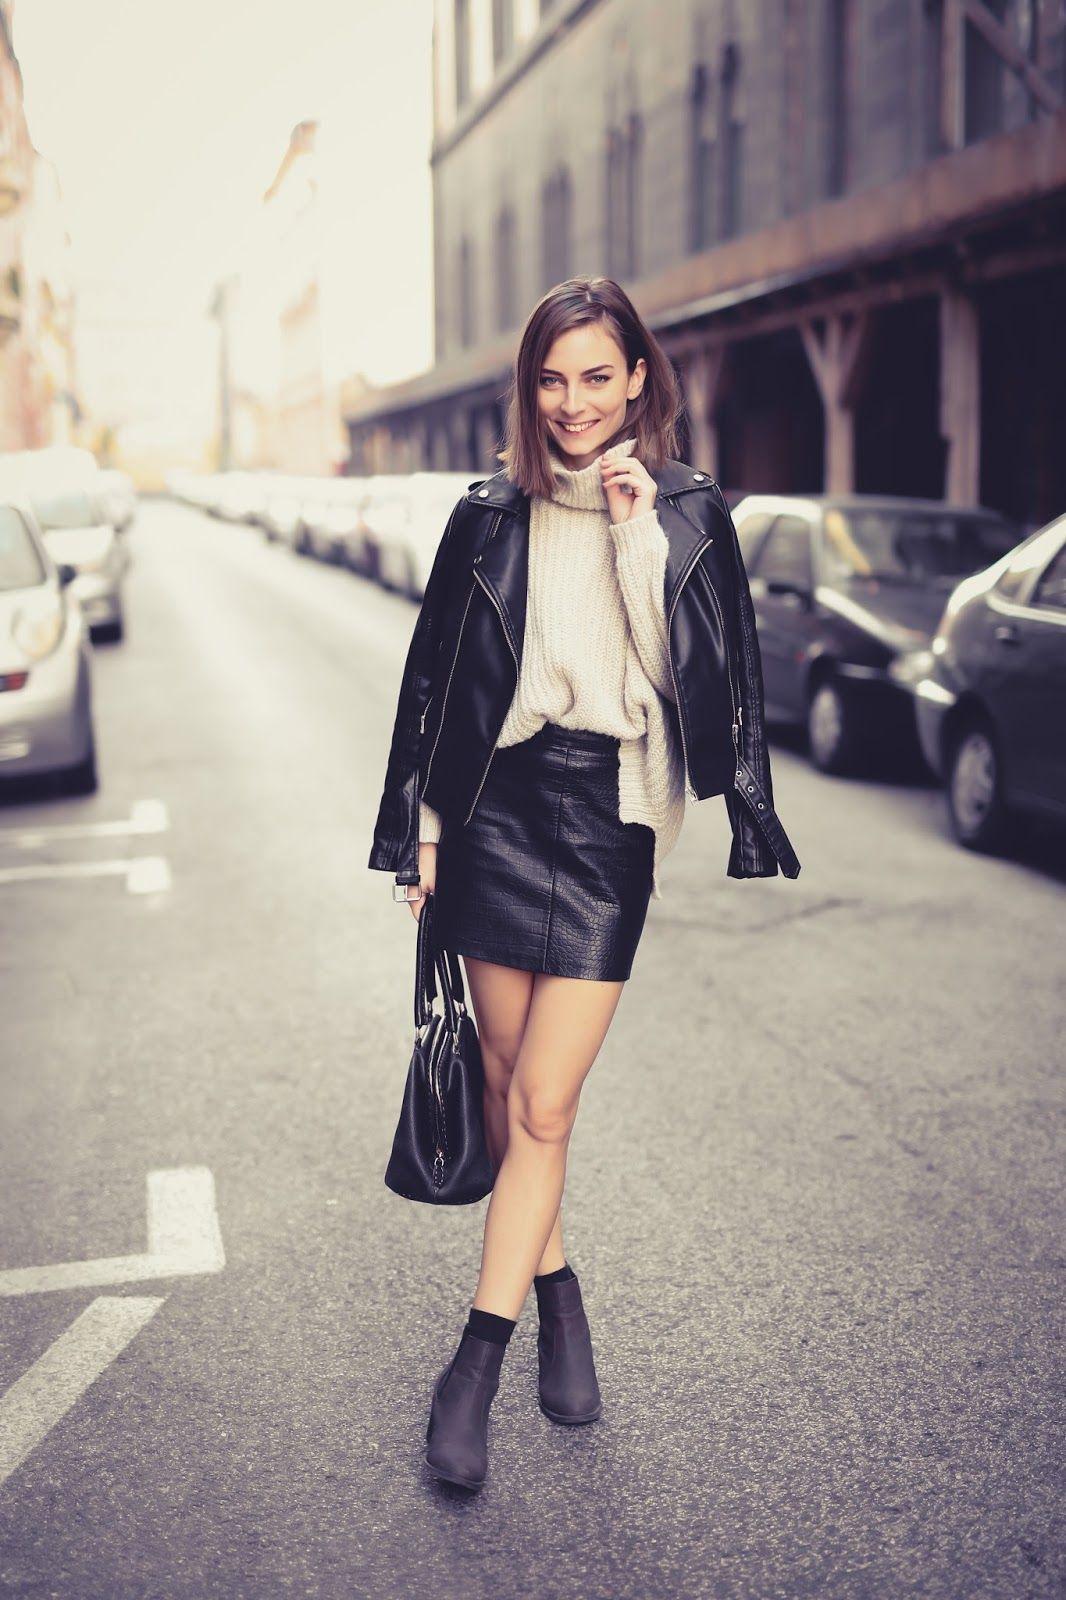 dcd8038ad1 WEARING KNITWEAR #miniskirt #leatherskirt #knitwear #jumper #streetstyle  #outfit #black #beige #ankleboots #fendi #ootd #fashionblog